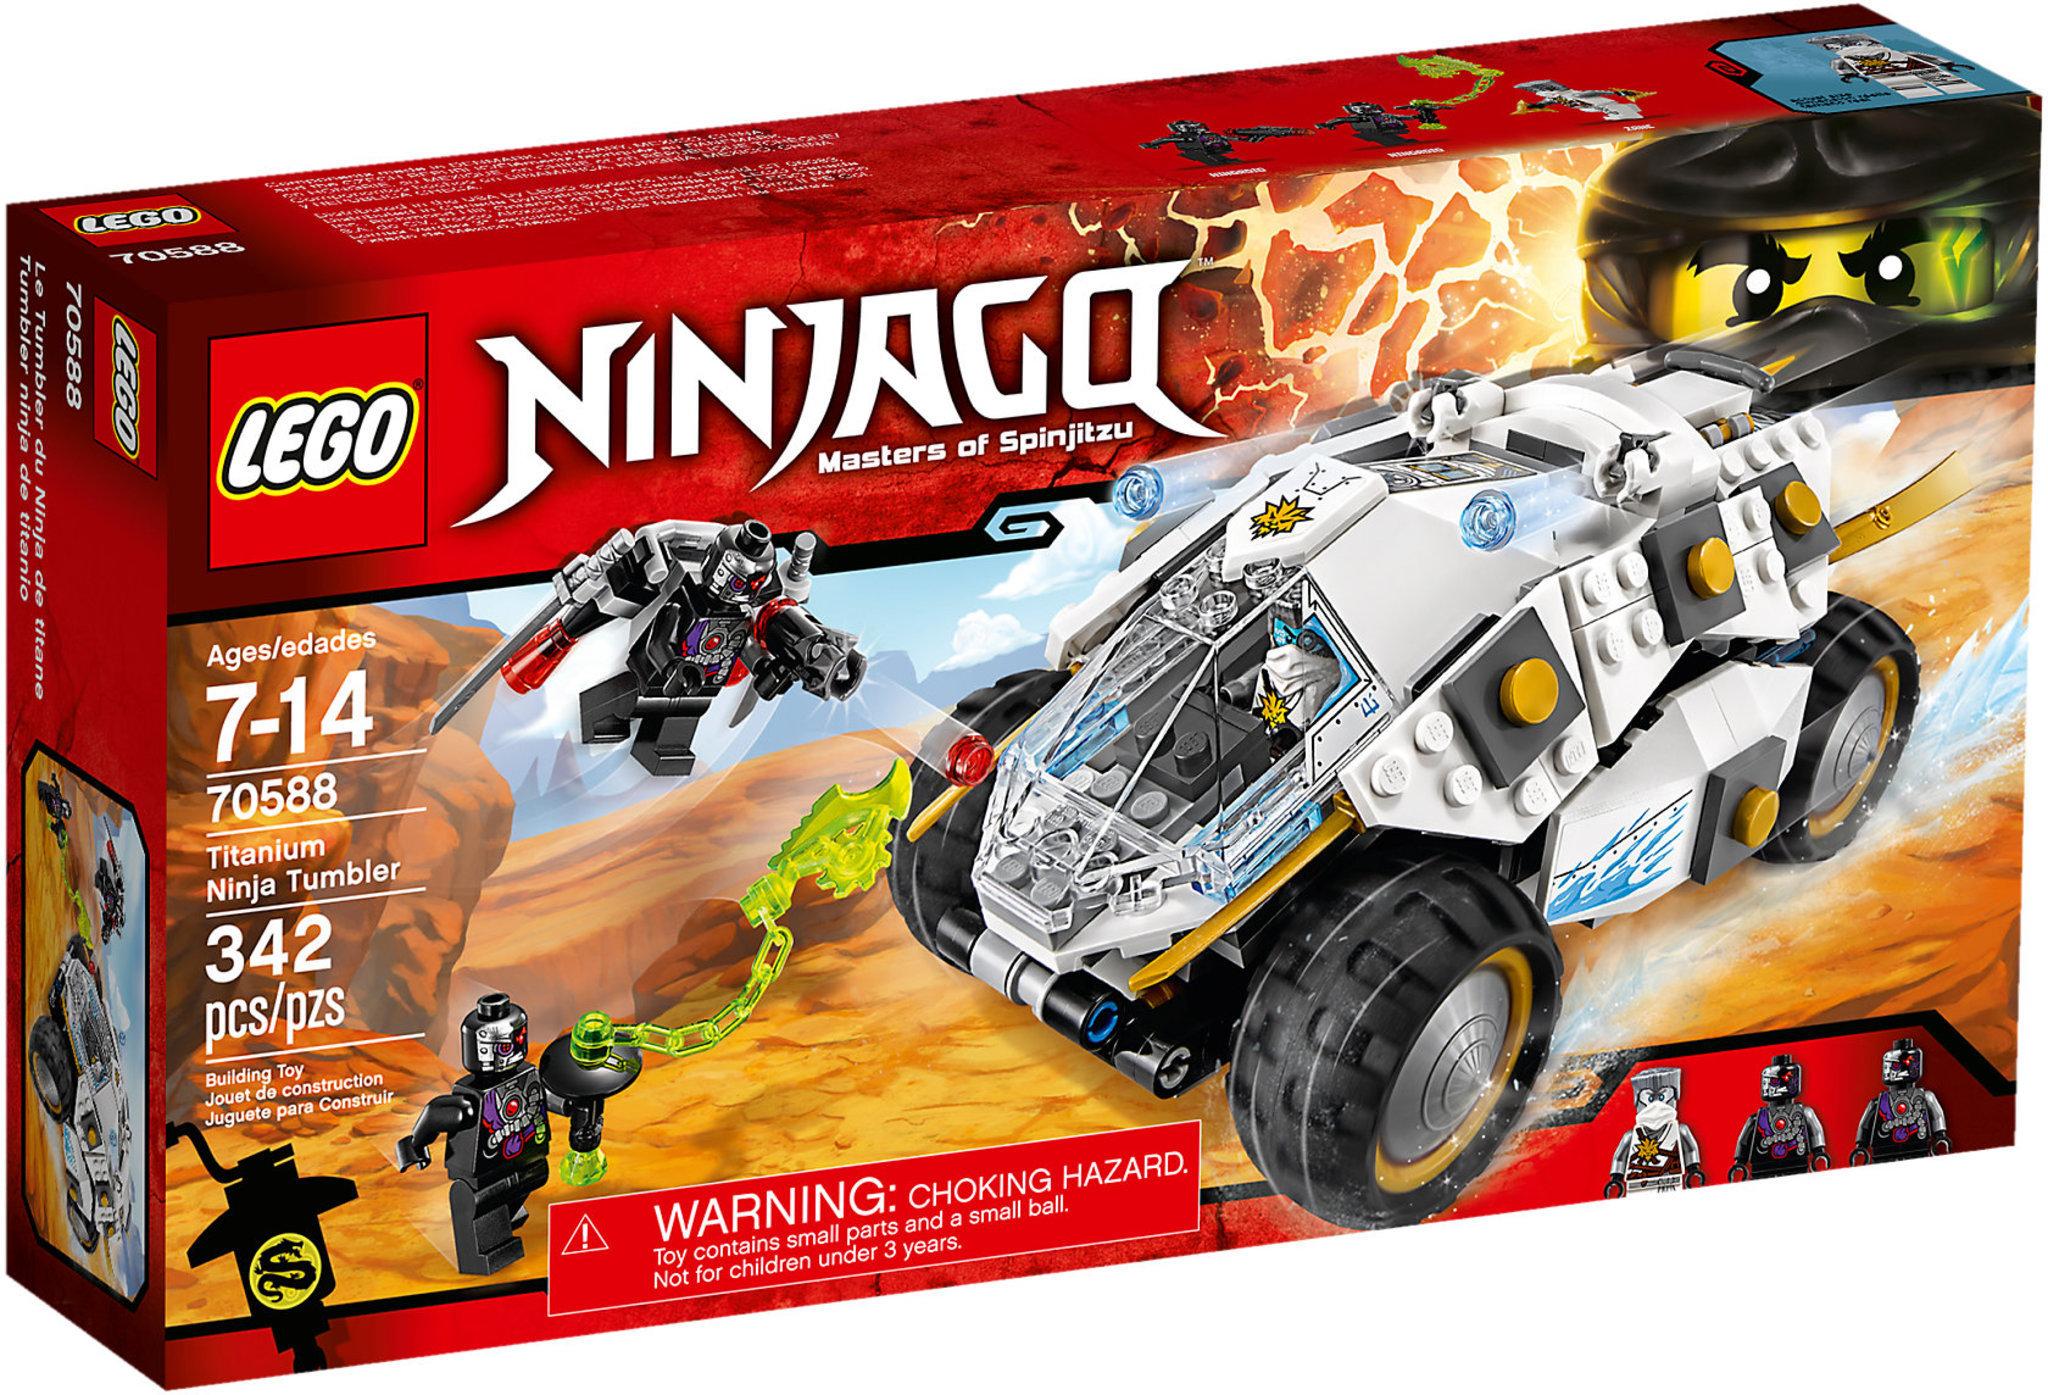 c0ef6033b82fa LEGO Ninjago 70588 - Titanium Ninja Tumbler   Mattonito